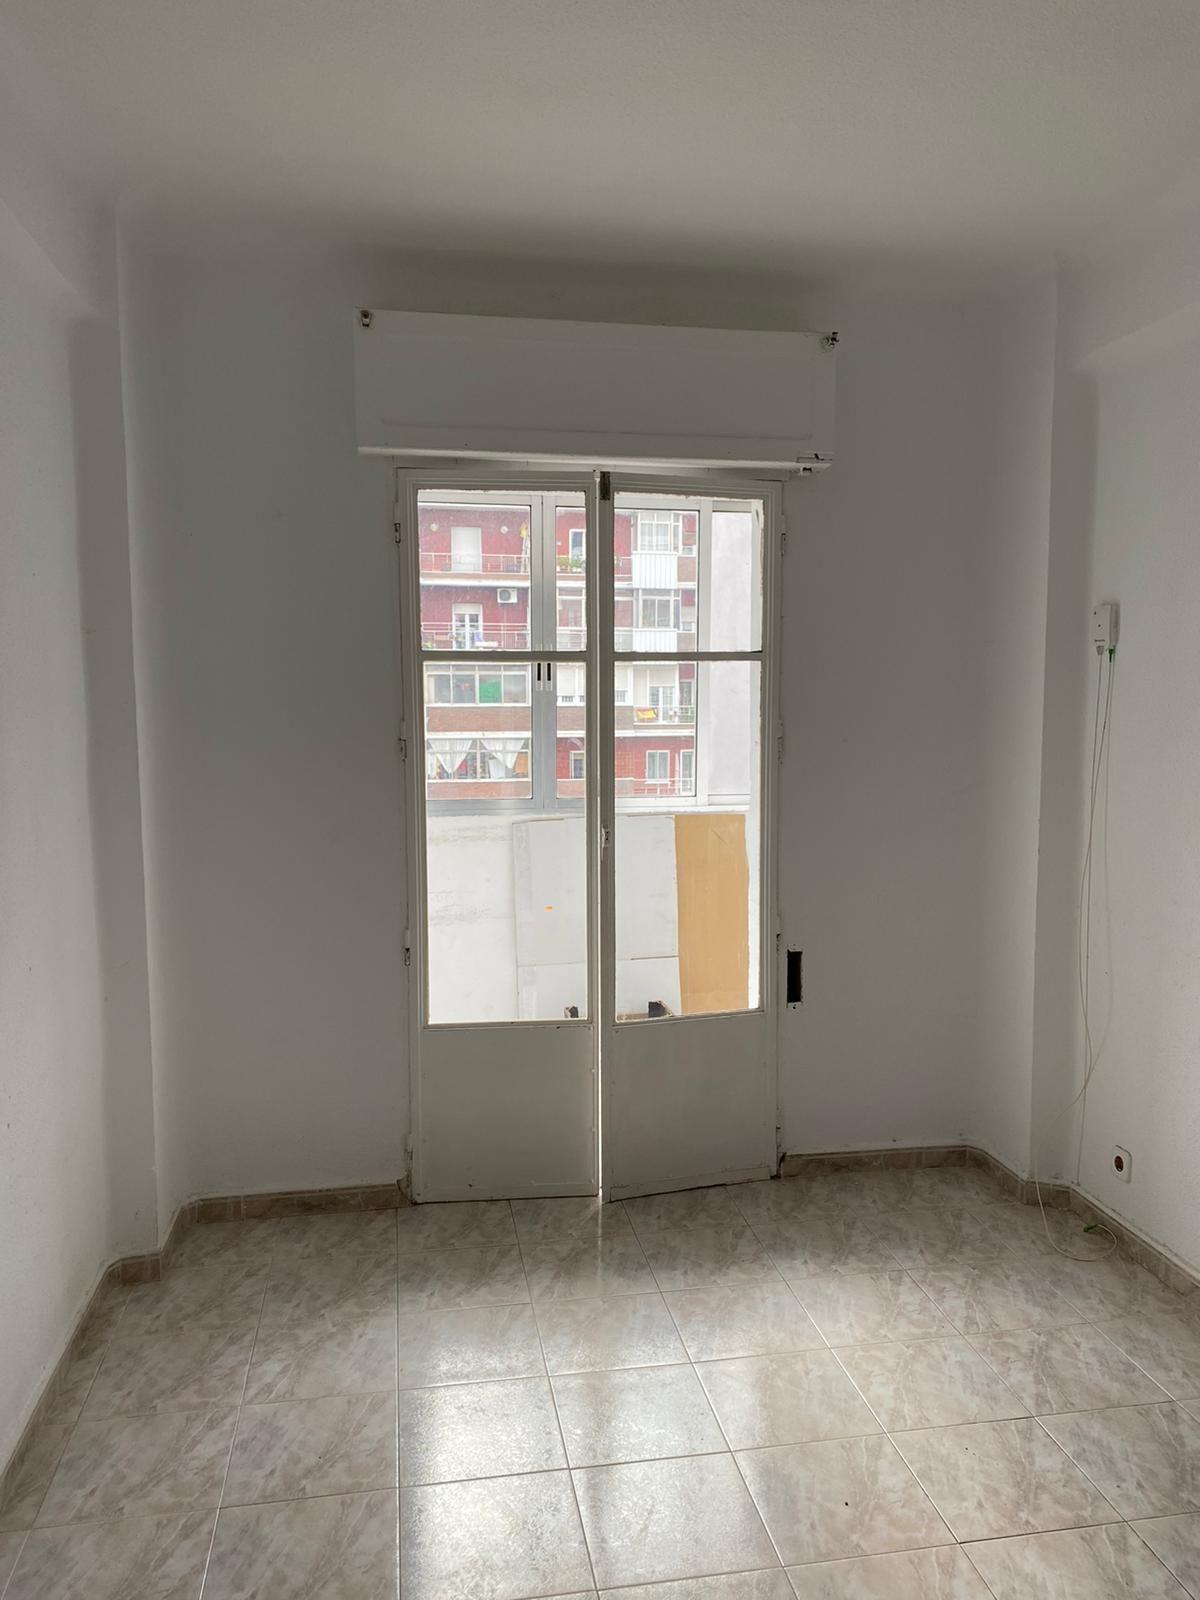 Piso en venta en 40064, Madrid, Madrid, Calle Virgen de Lourdes, 125.000 €, 1 habitación, 1 baño, 45 m2